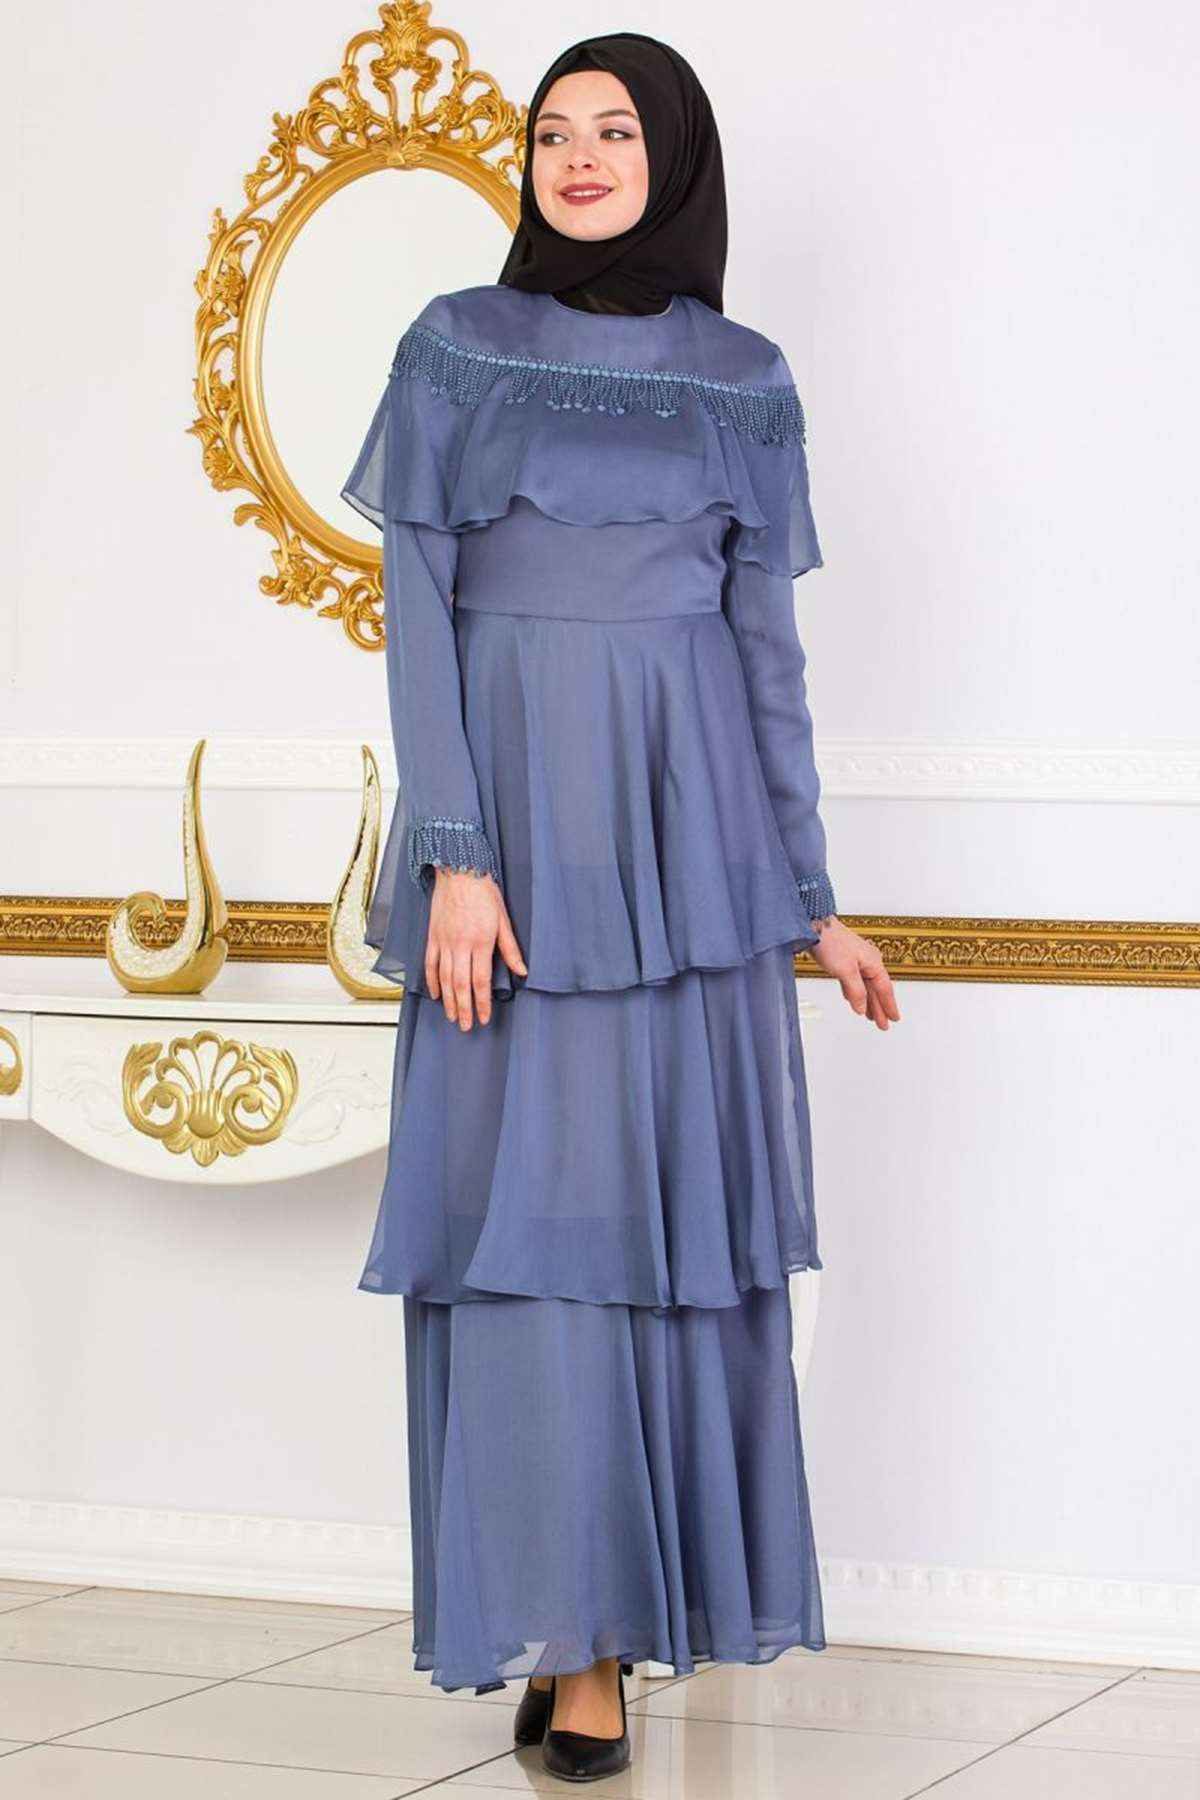 İfondi Fırfırlı Tesettür Elbise Modelleri